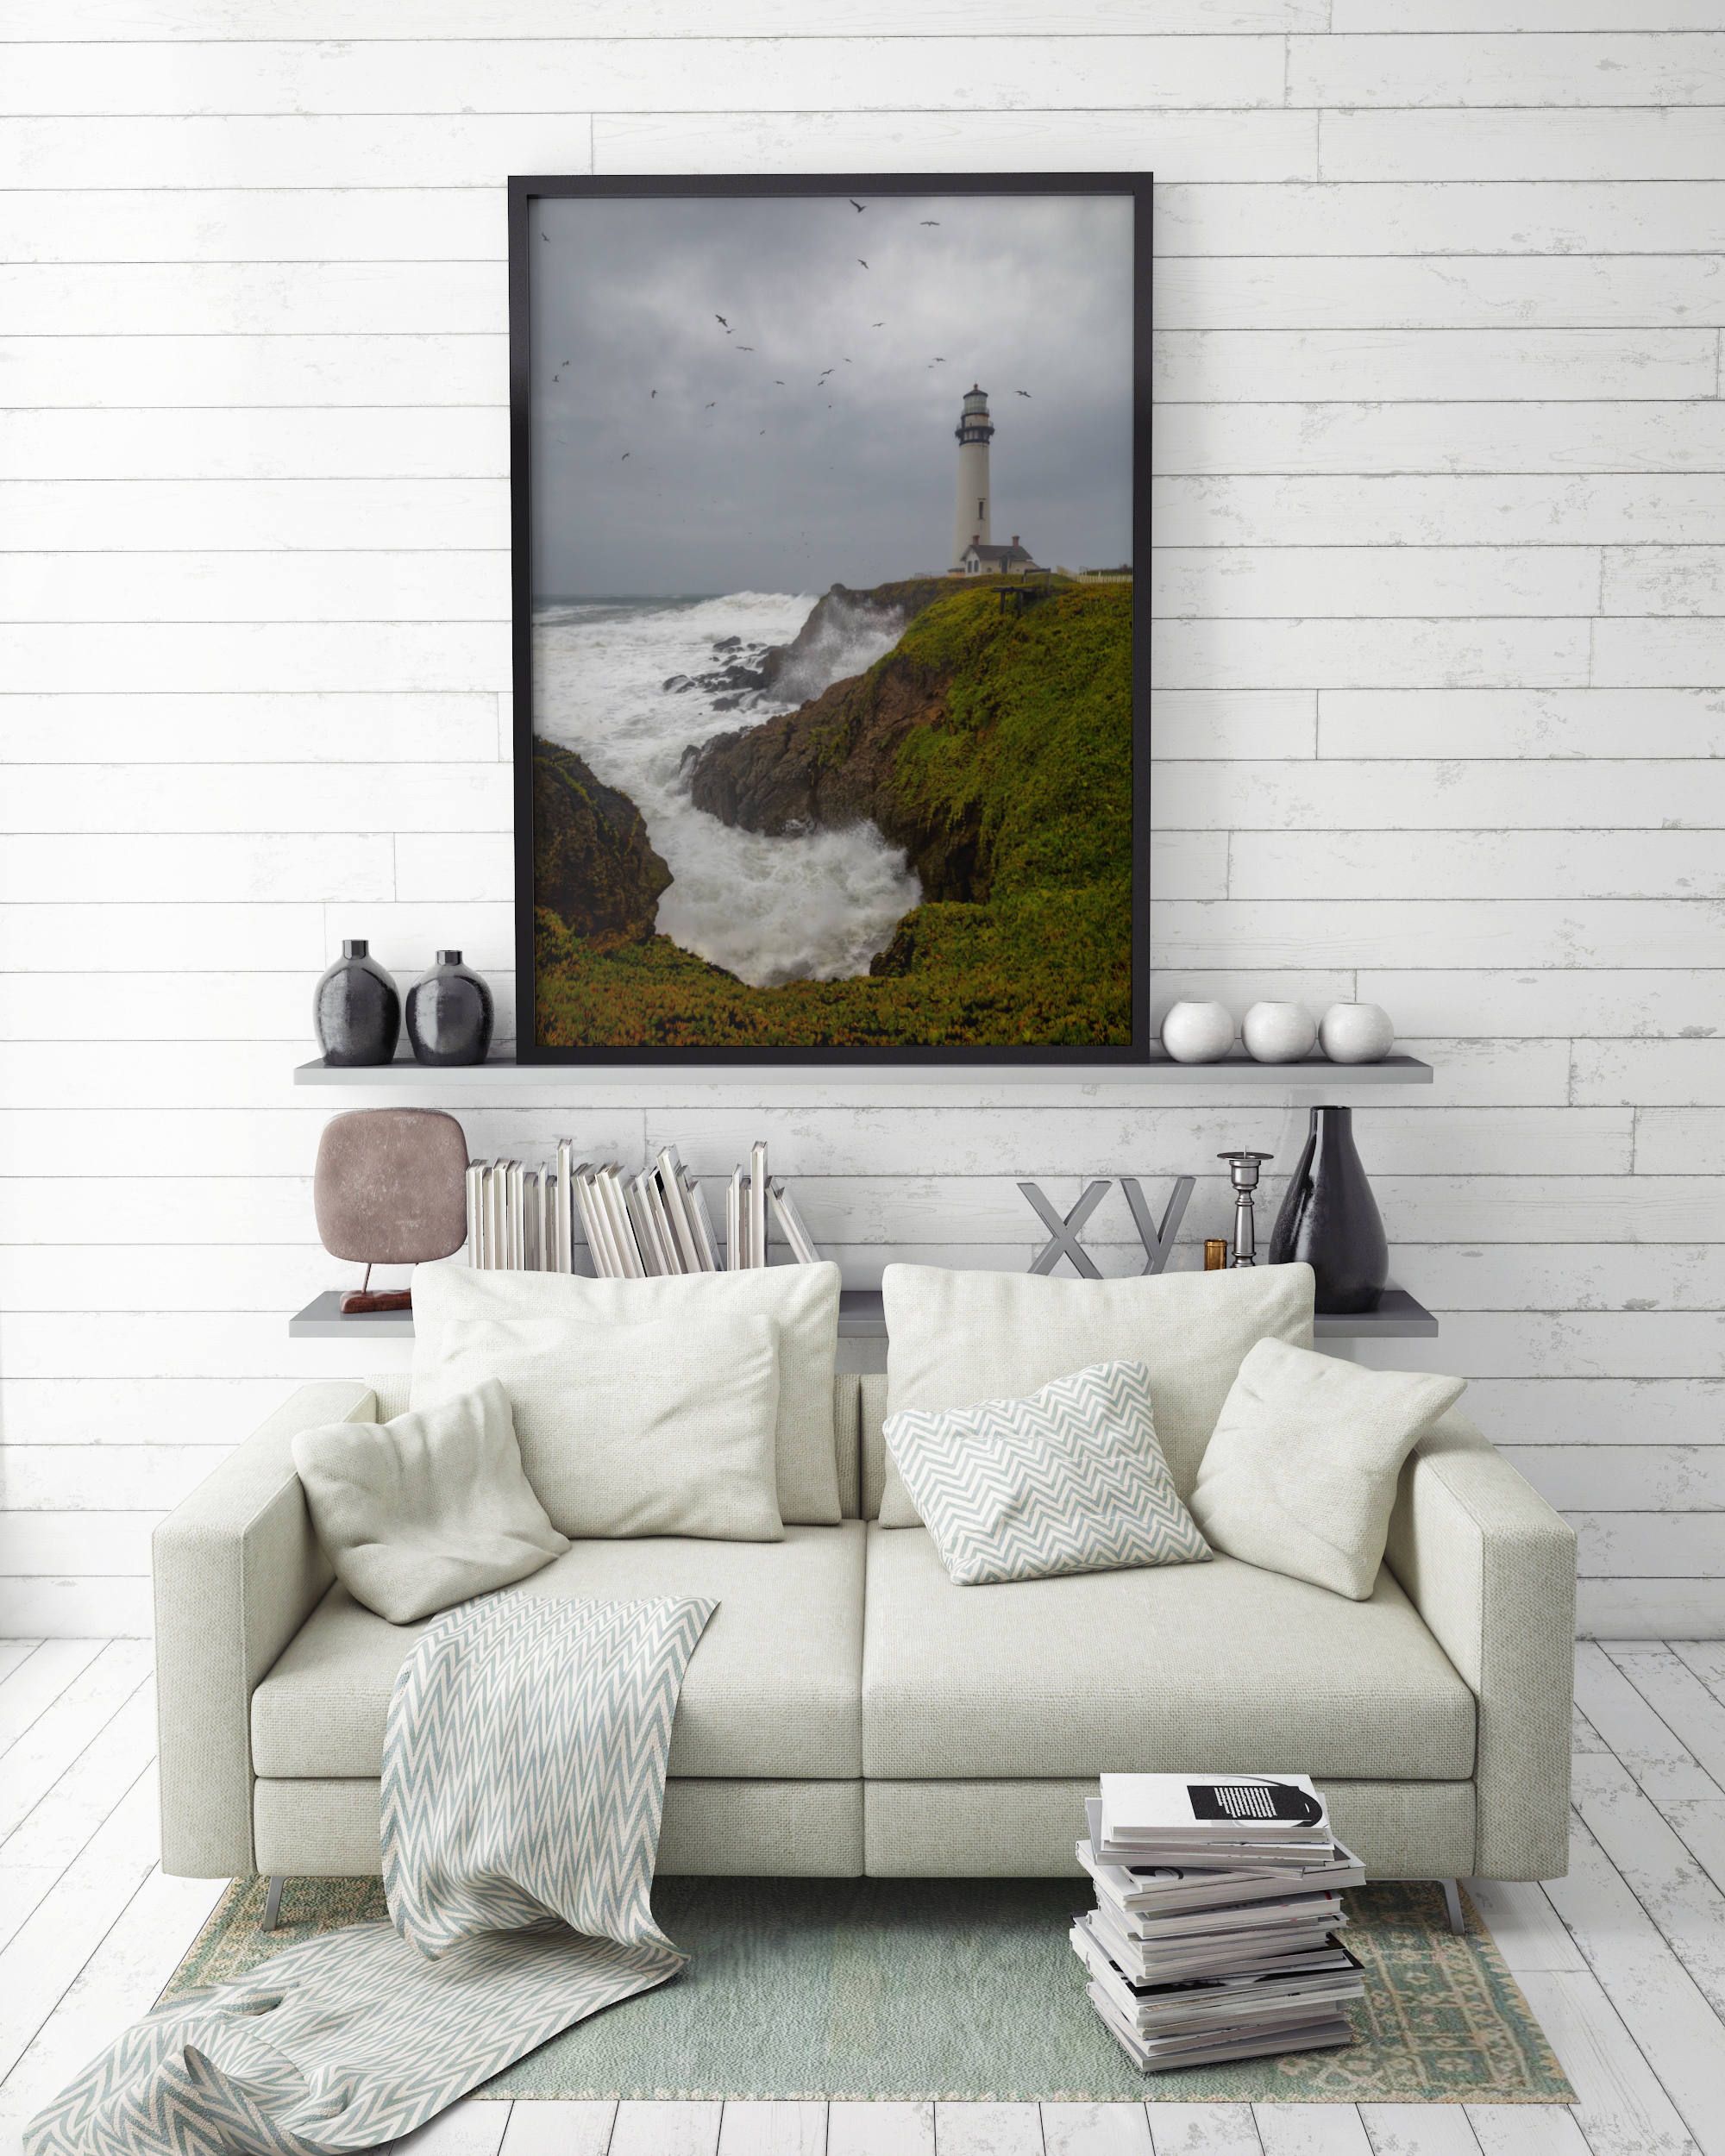 mock up poster frame in hipster interior background, 3D render